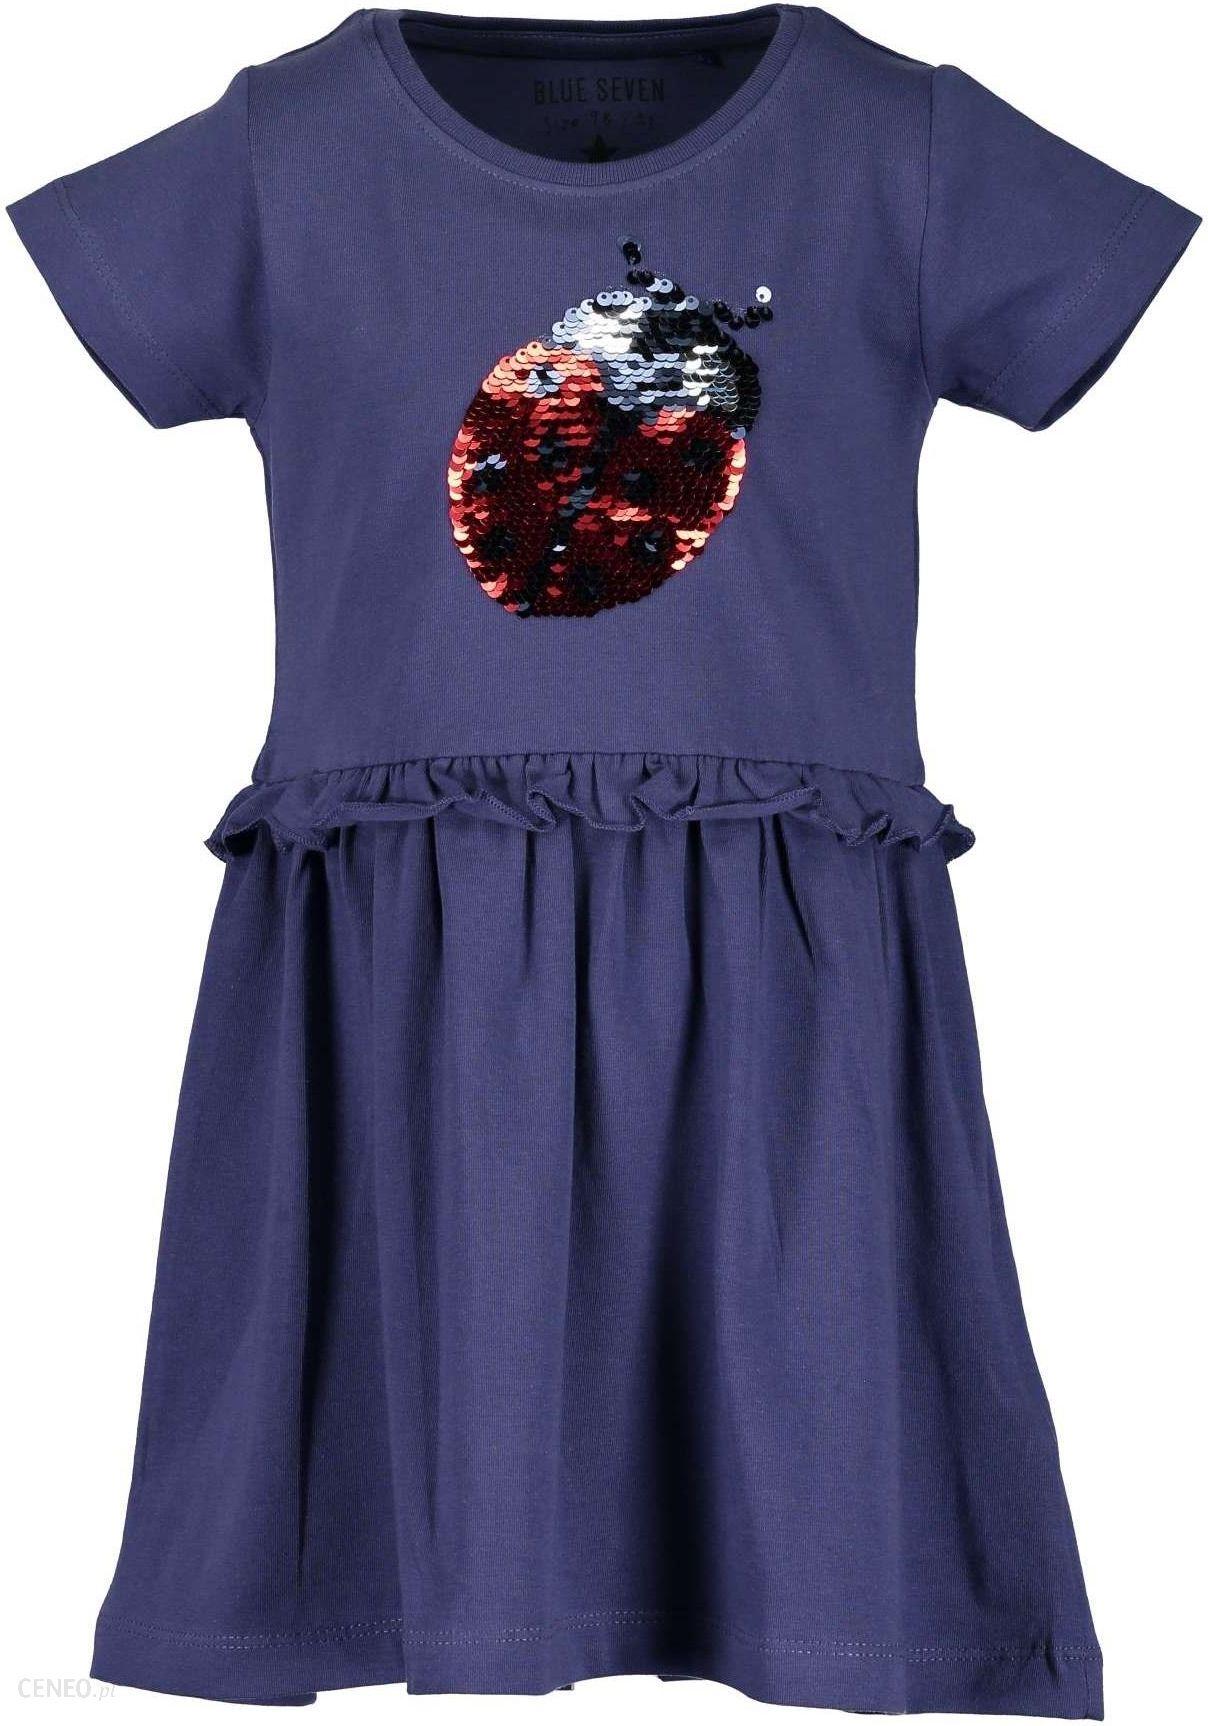 c5dffcb586 Blue Seven sukienka dziewczęca z cekinami 98 niebieska - Ceny i ...